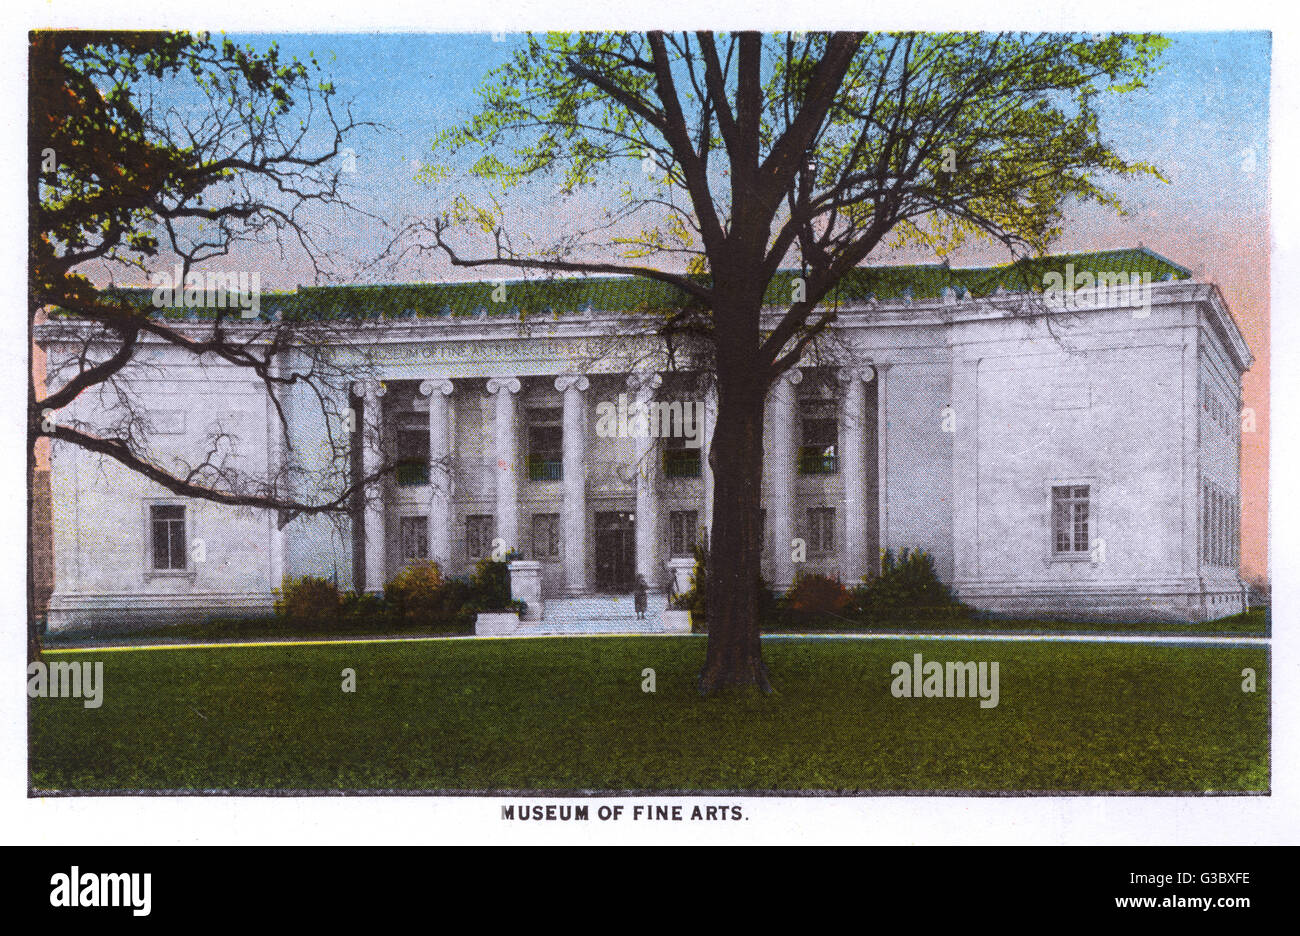 Museo delle Belle Arti, Houston, Texas, Stati Uniti d'America. Data: circa 1928 Immagini Stock